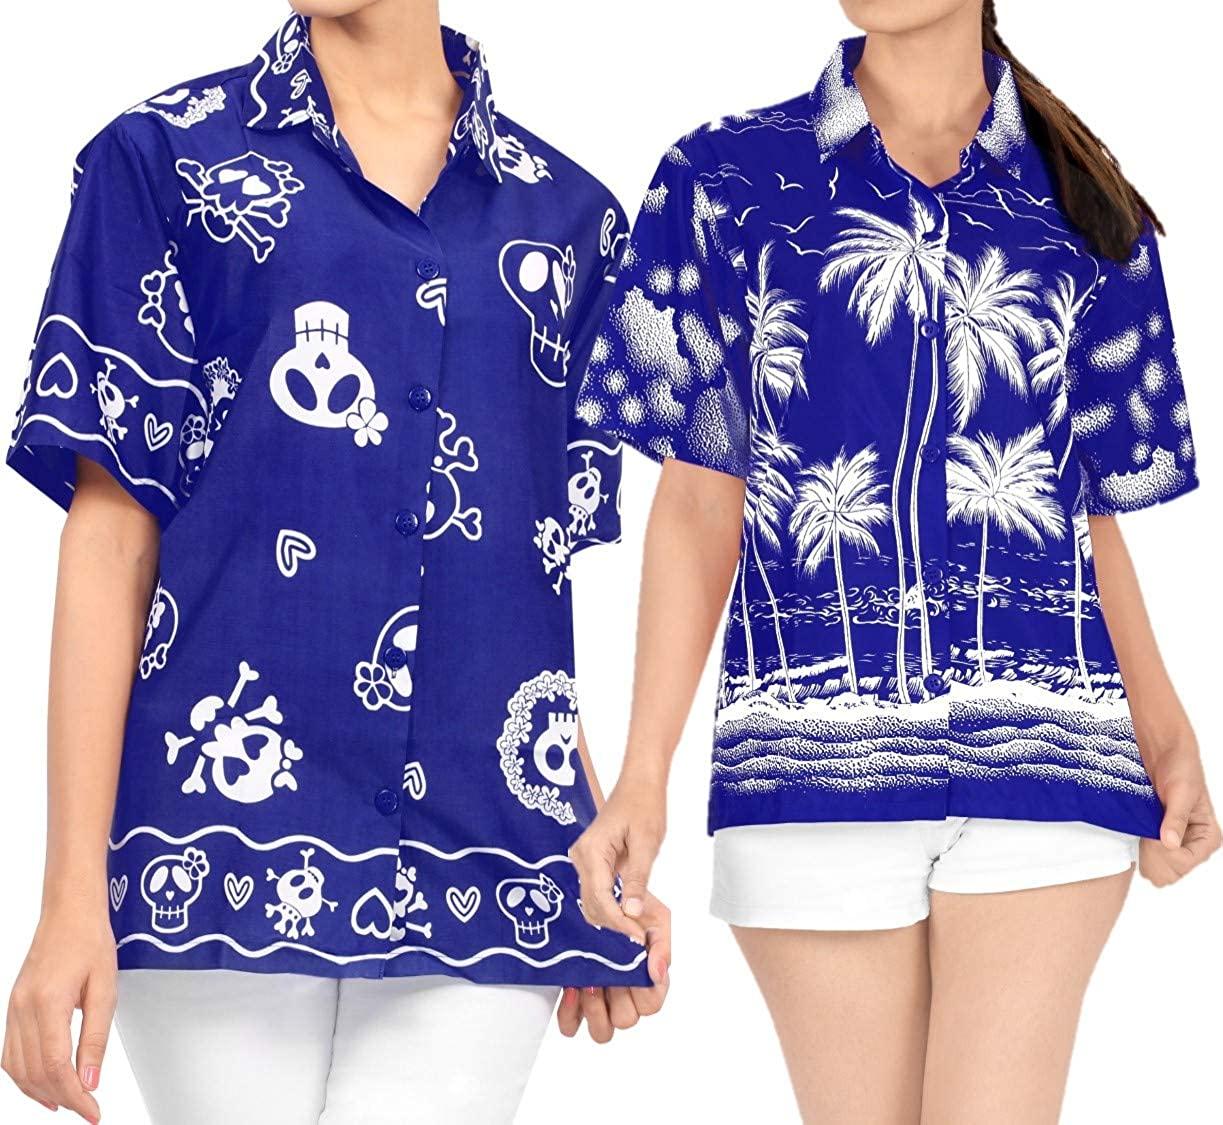 LA LEELA Women's Beach Hawaiian Regular Fit Short Sleeve Tunic Shirt Work from Home Clothes Women Beach Shirt Blouse Shirt Combo Pack of 2 Size L